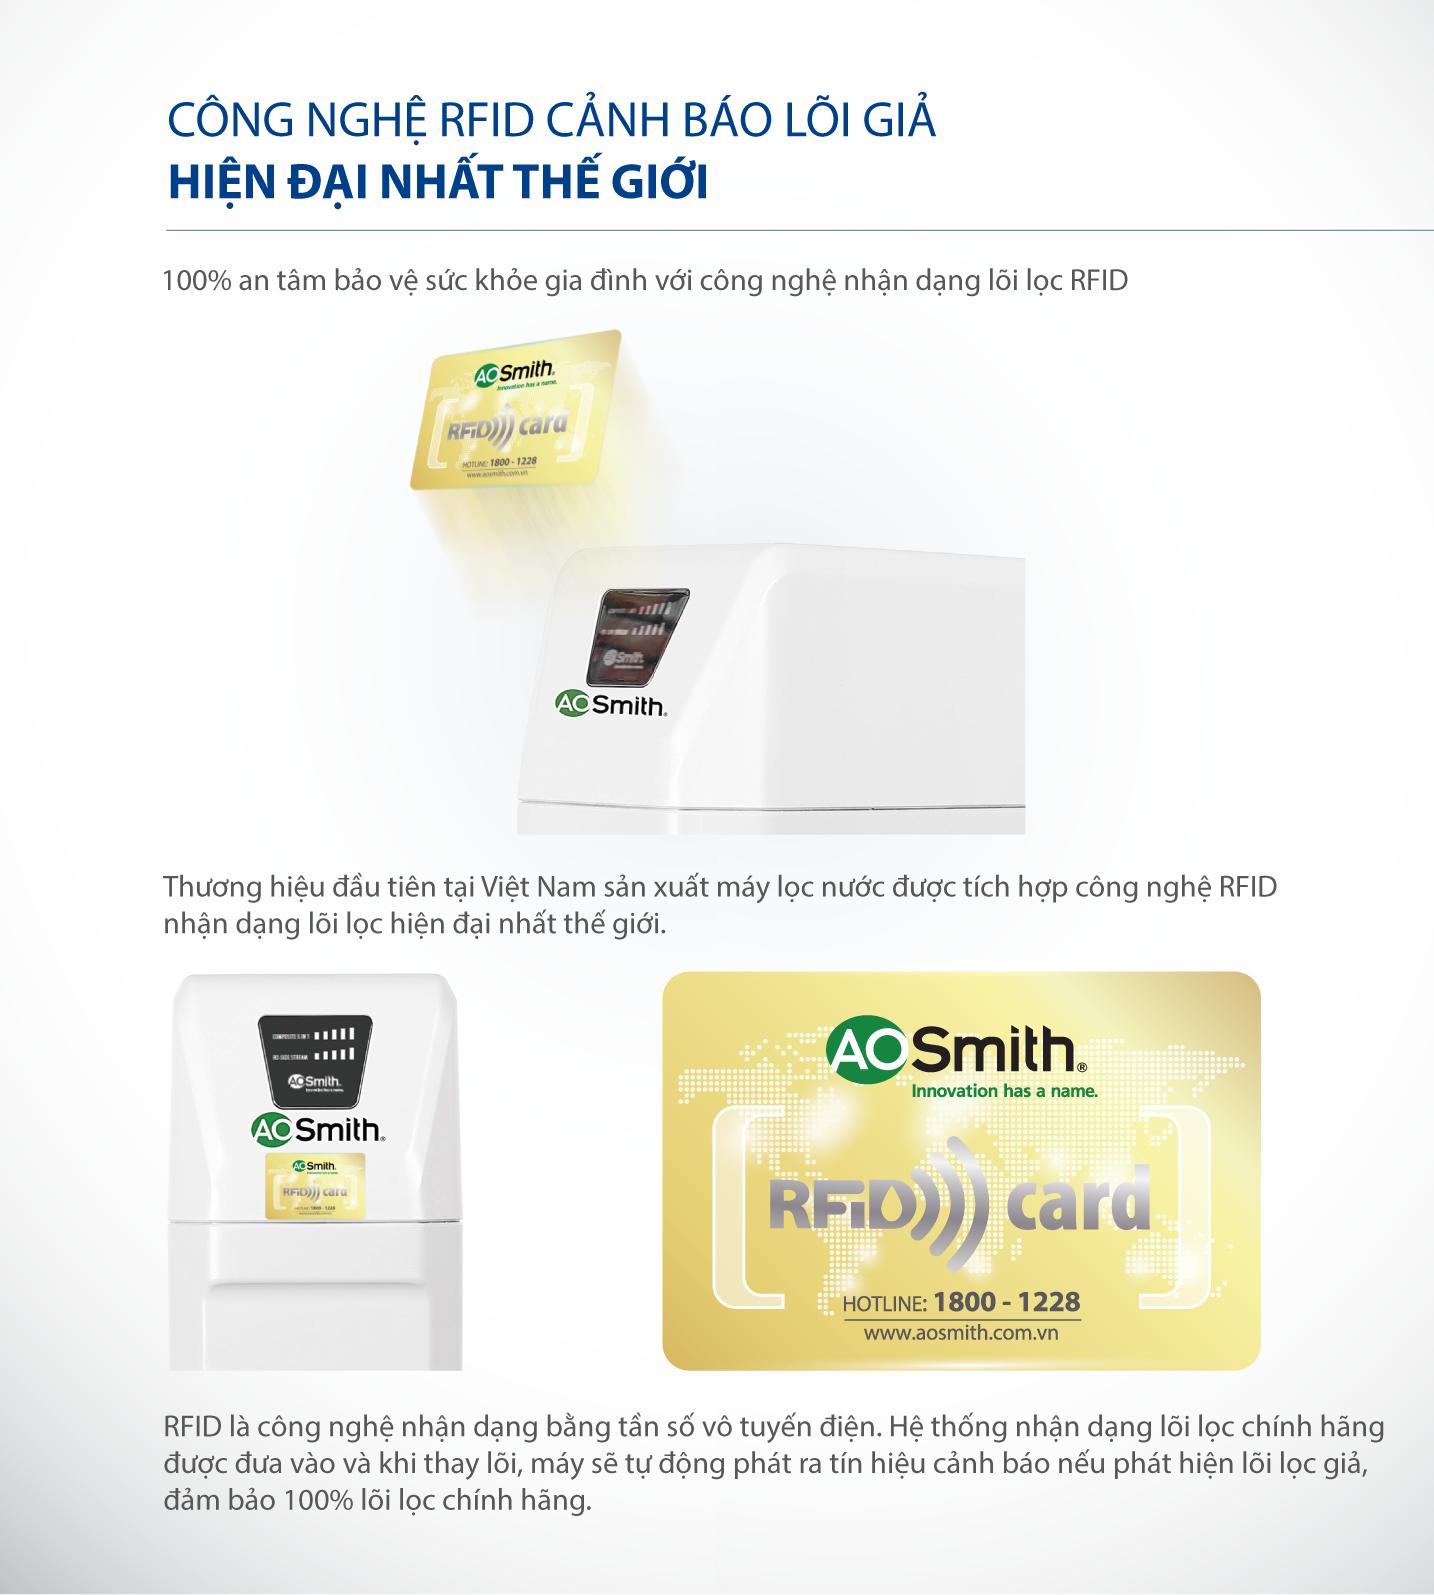 Công nghệ RFID